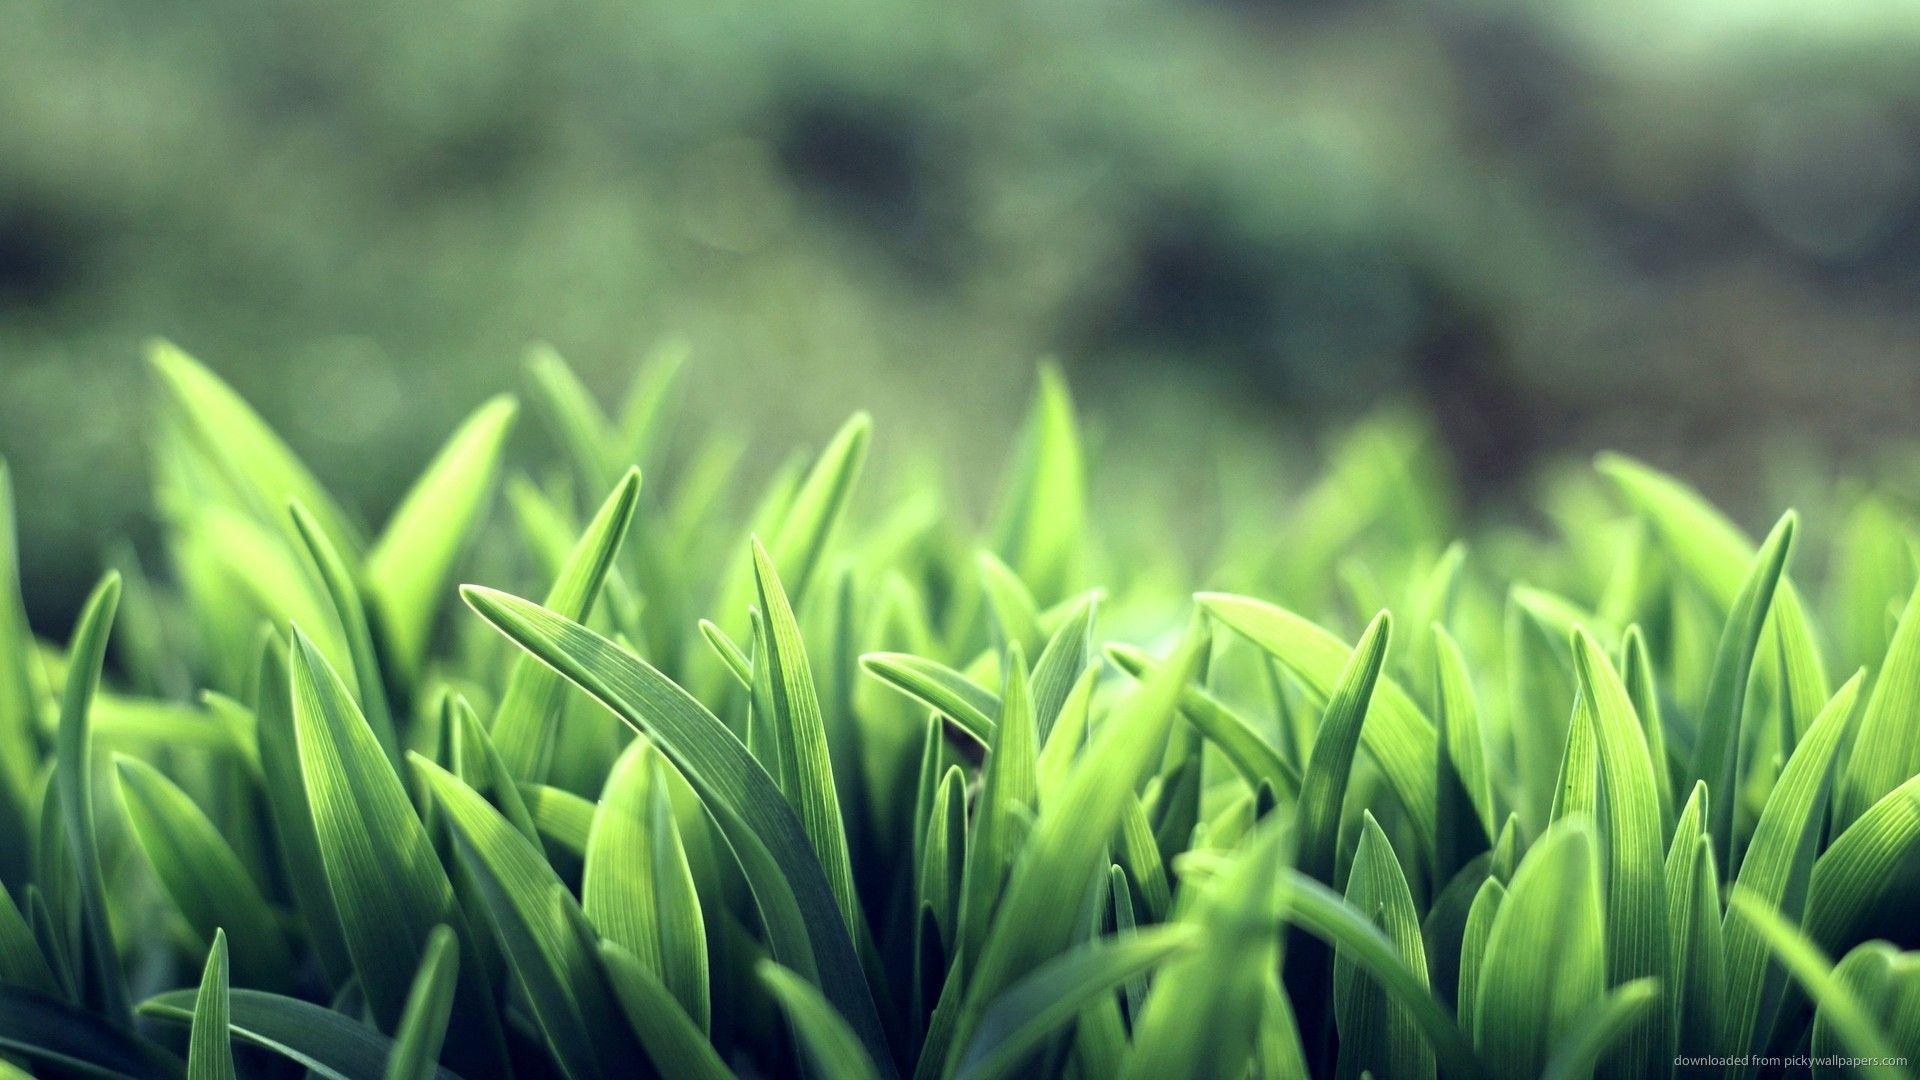 Green Grass Wallpapers Wallpaper Cave